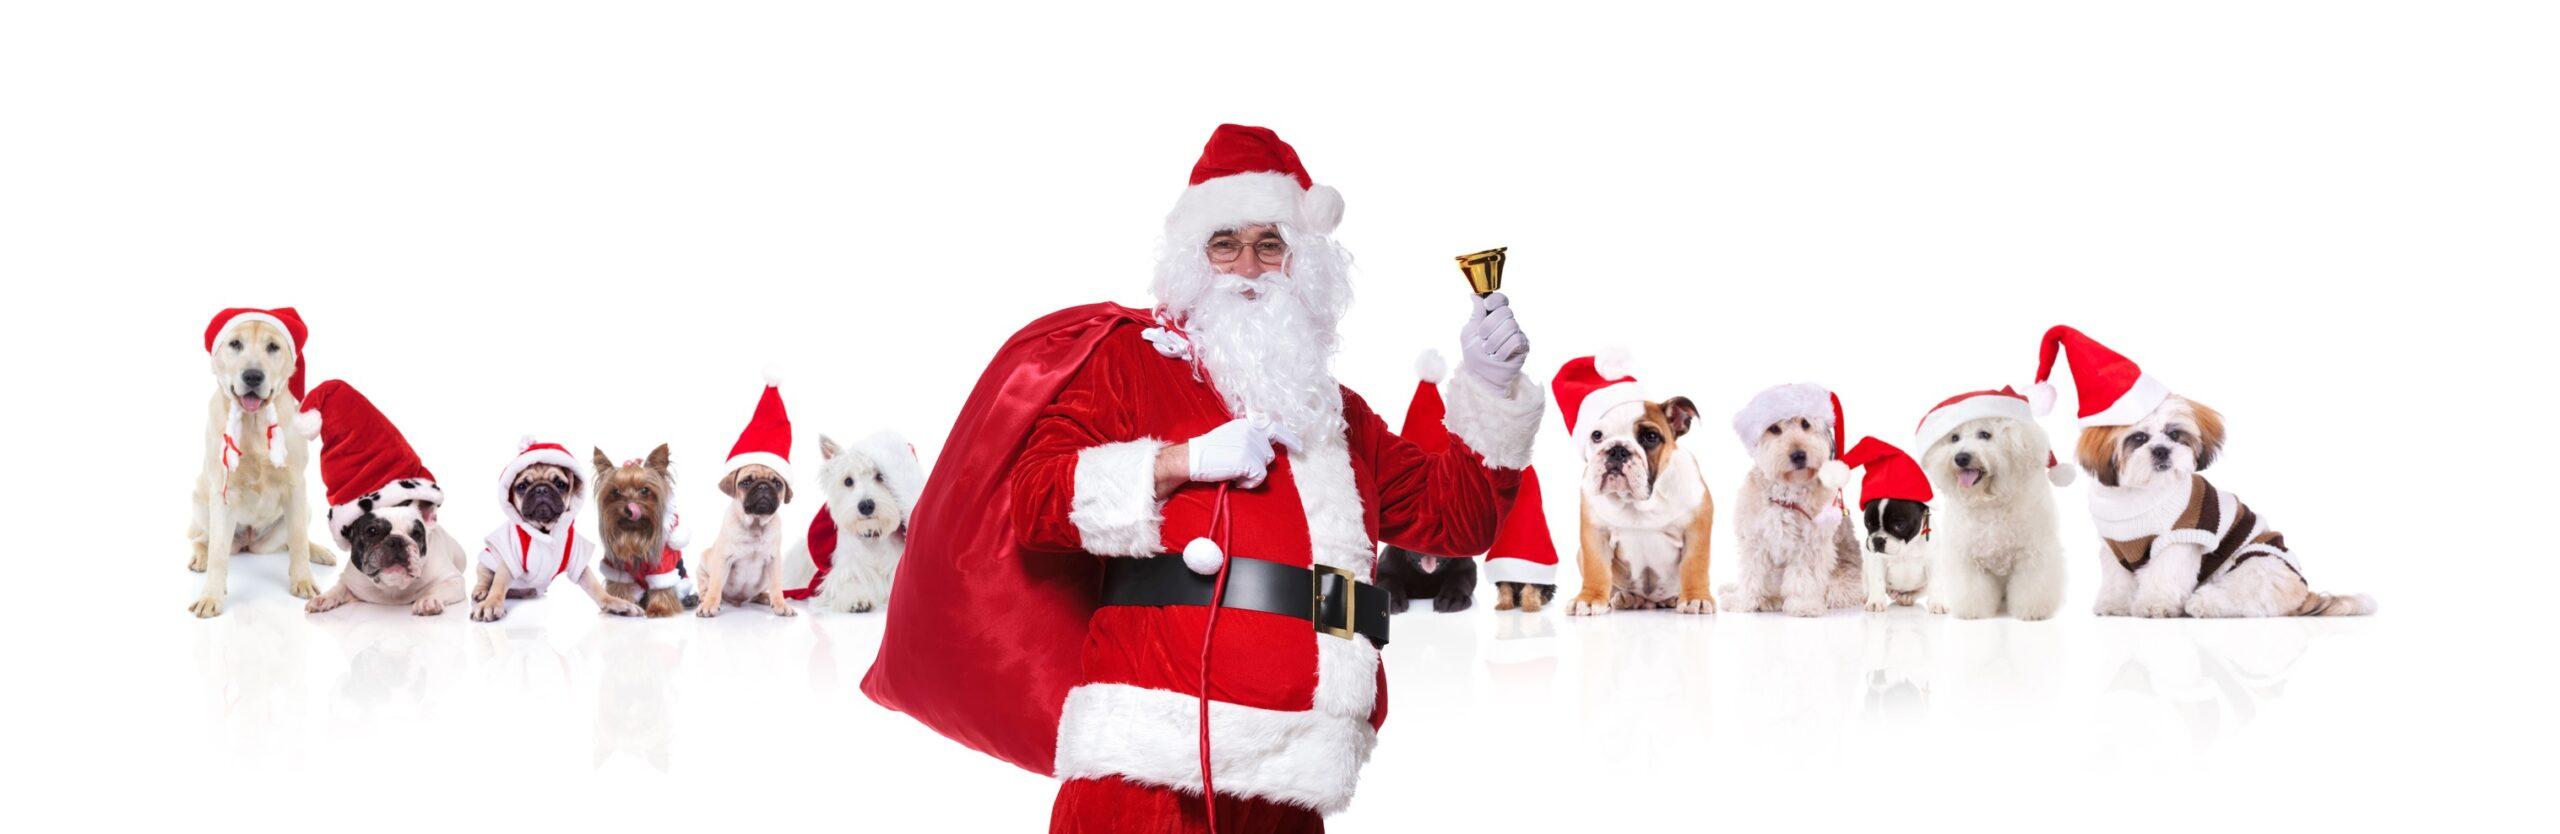 Santa , Bag of Toys, Dogs wearing Santa hats, Cats wearing Santa hats, Santa Suit, Bell